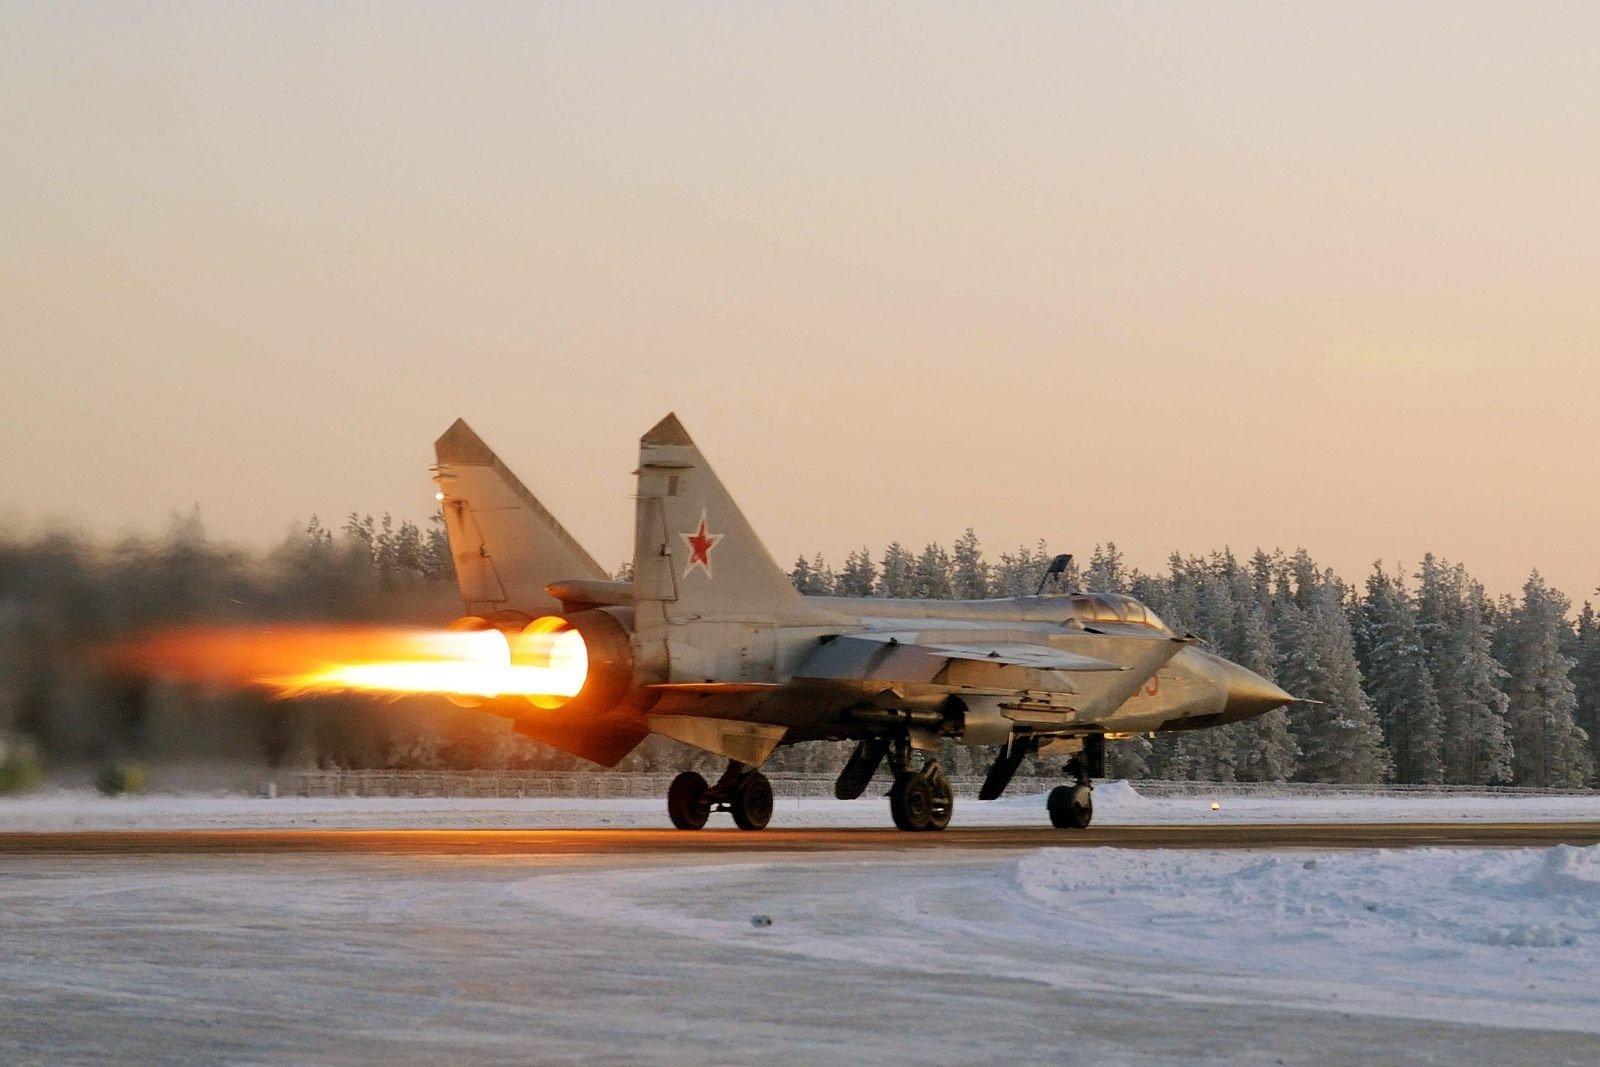 ΕΚΤΑΚΤΗ ΕΙΔΗΣΗ ΤΩΡΑ: Νέα συντριβή στρατιωτικού αεροσκάφους για τη Ρωσία – Πτώση μαχητικού MiG-31